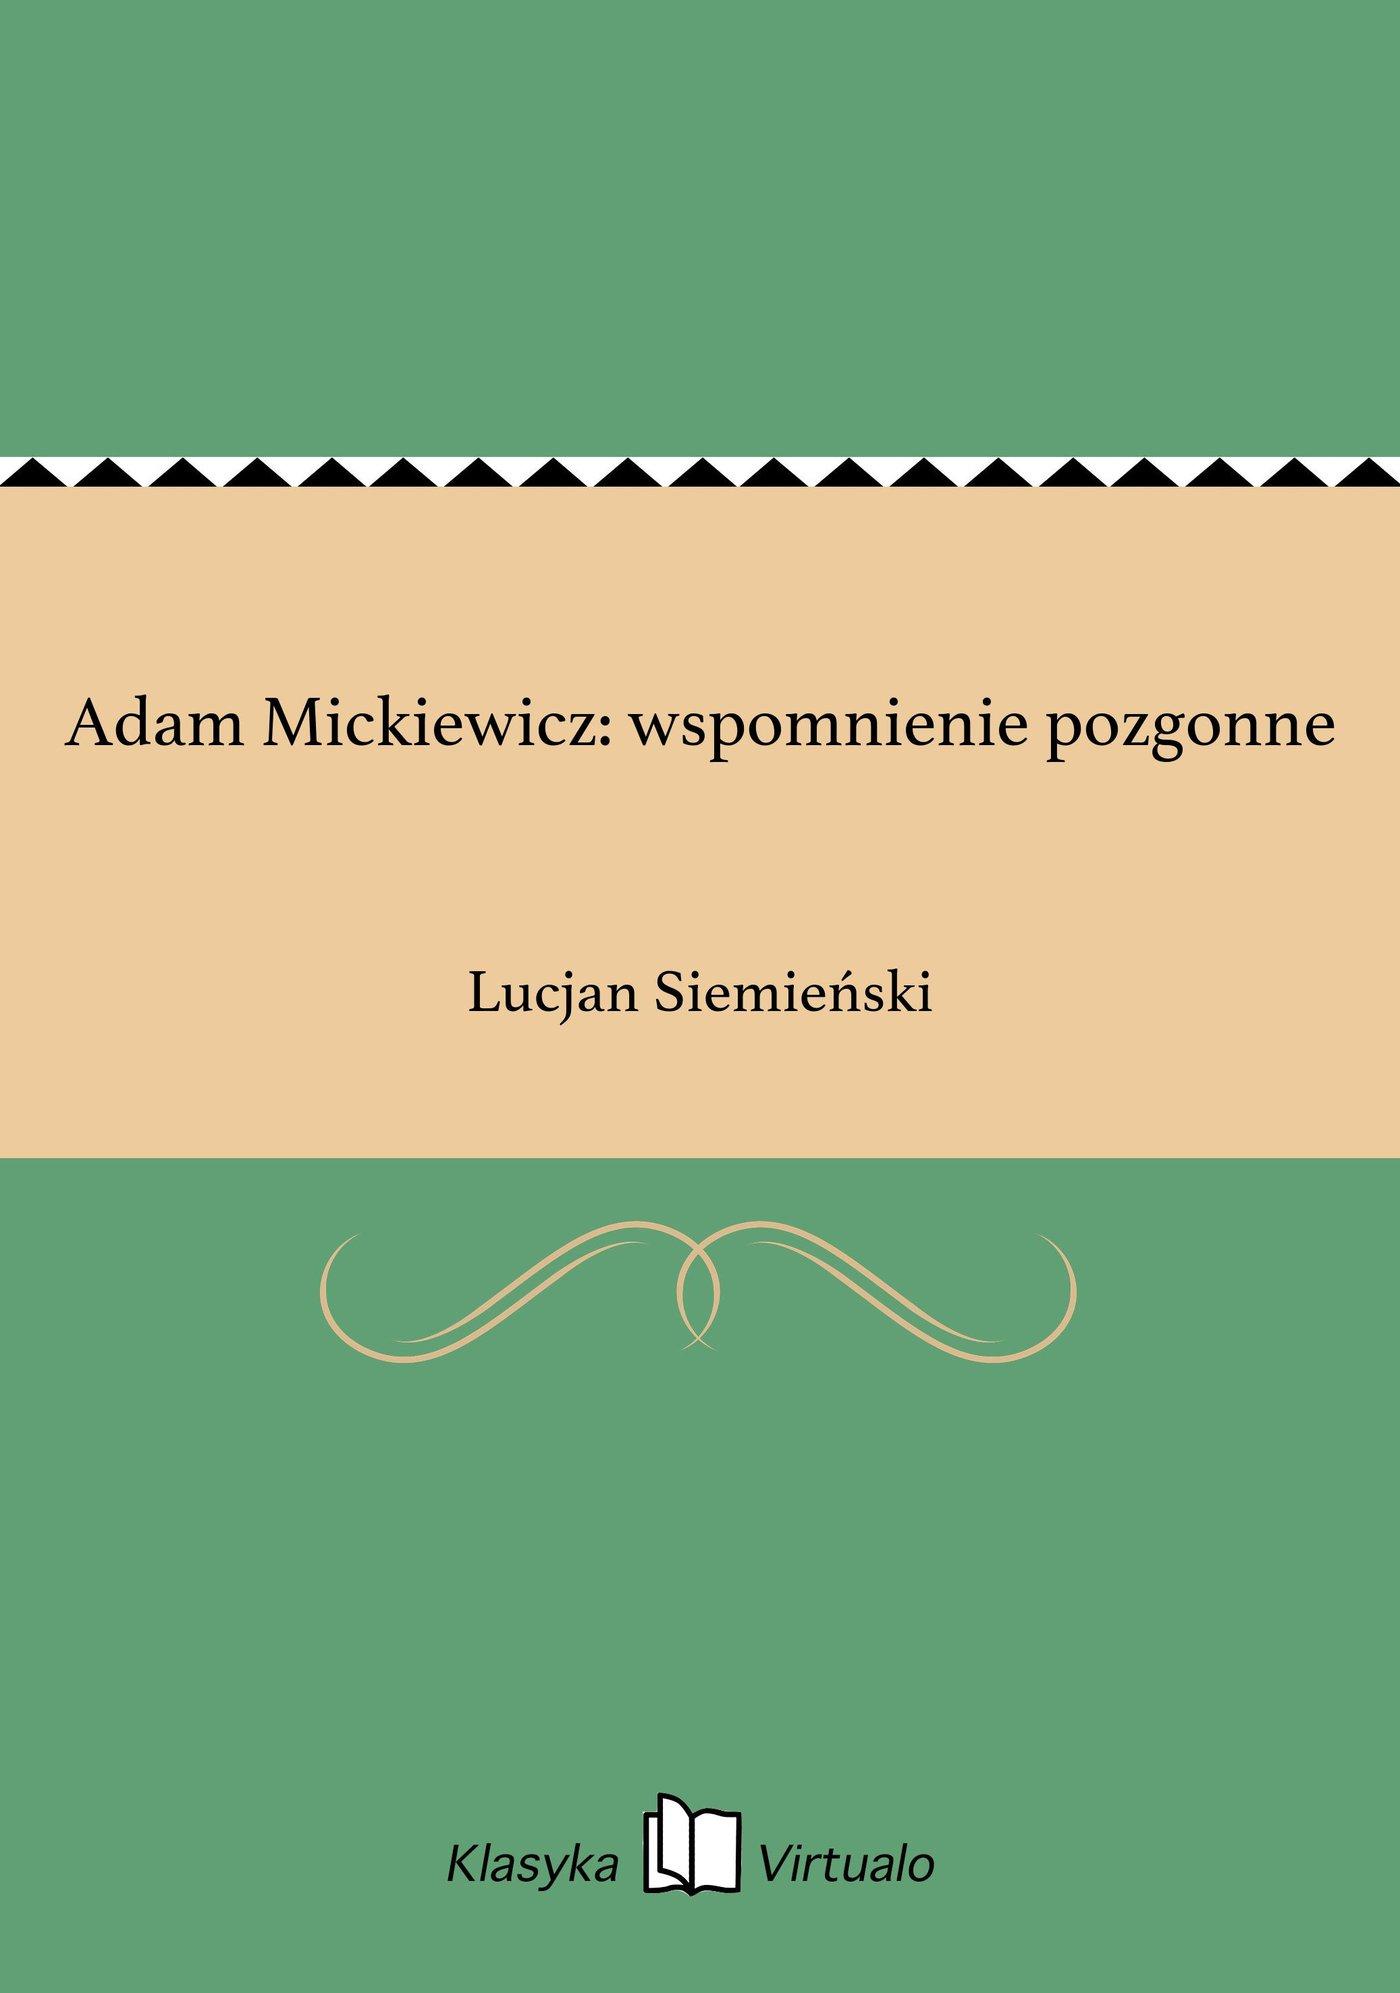 Adam Mickiewicz: wspomnienie pozgonne - Ebook (Książka na Kindle) do pobrania w formacie MOBI